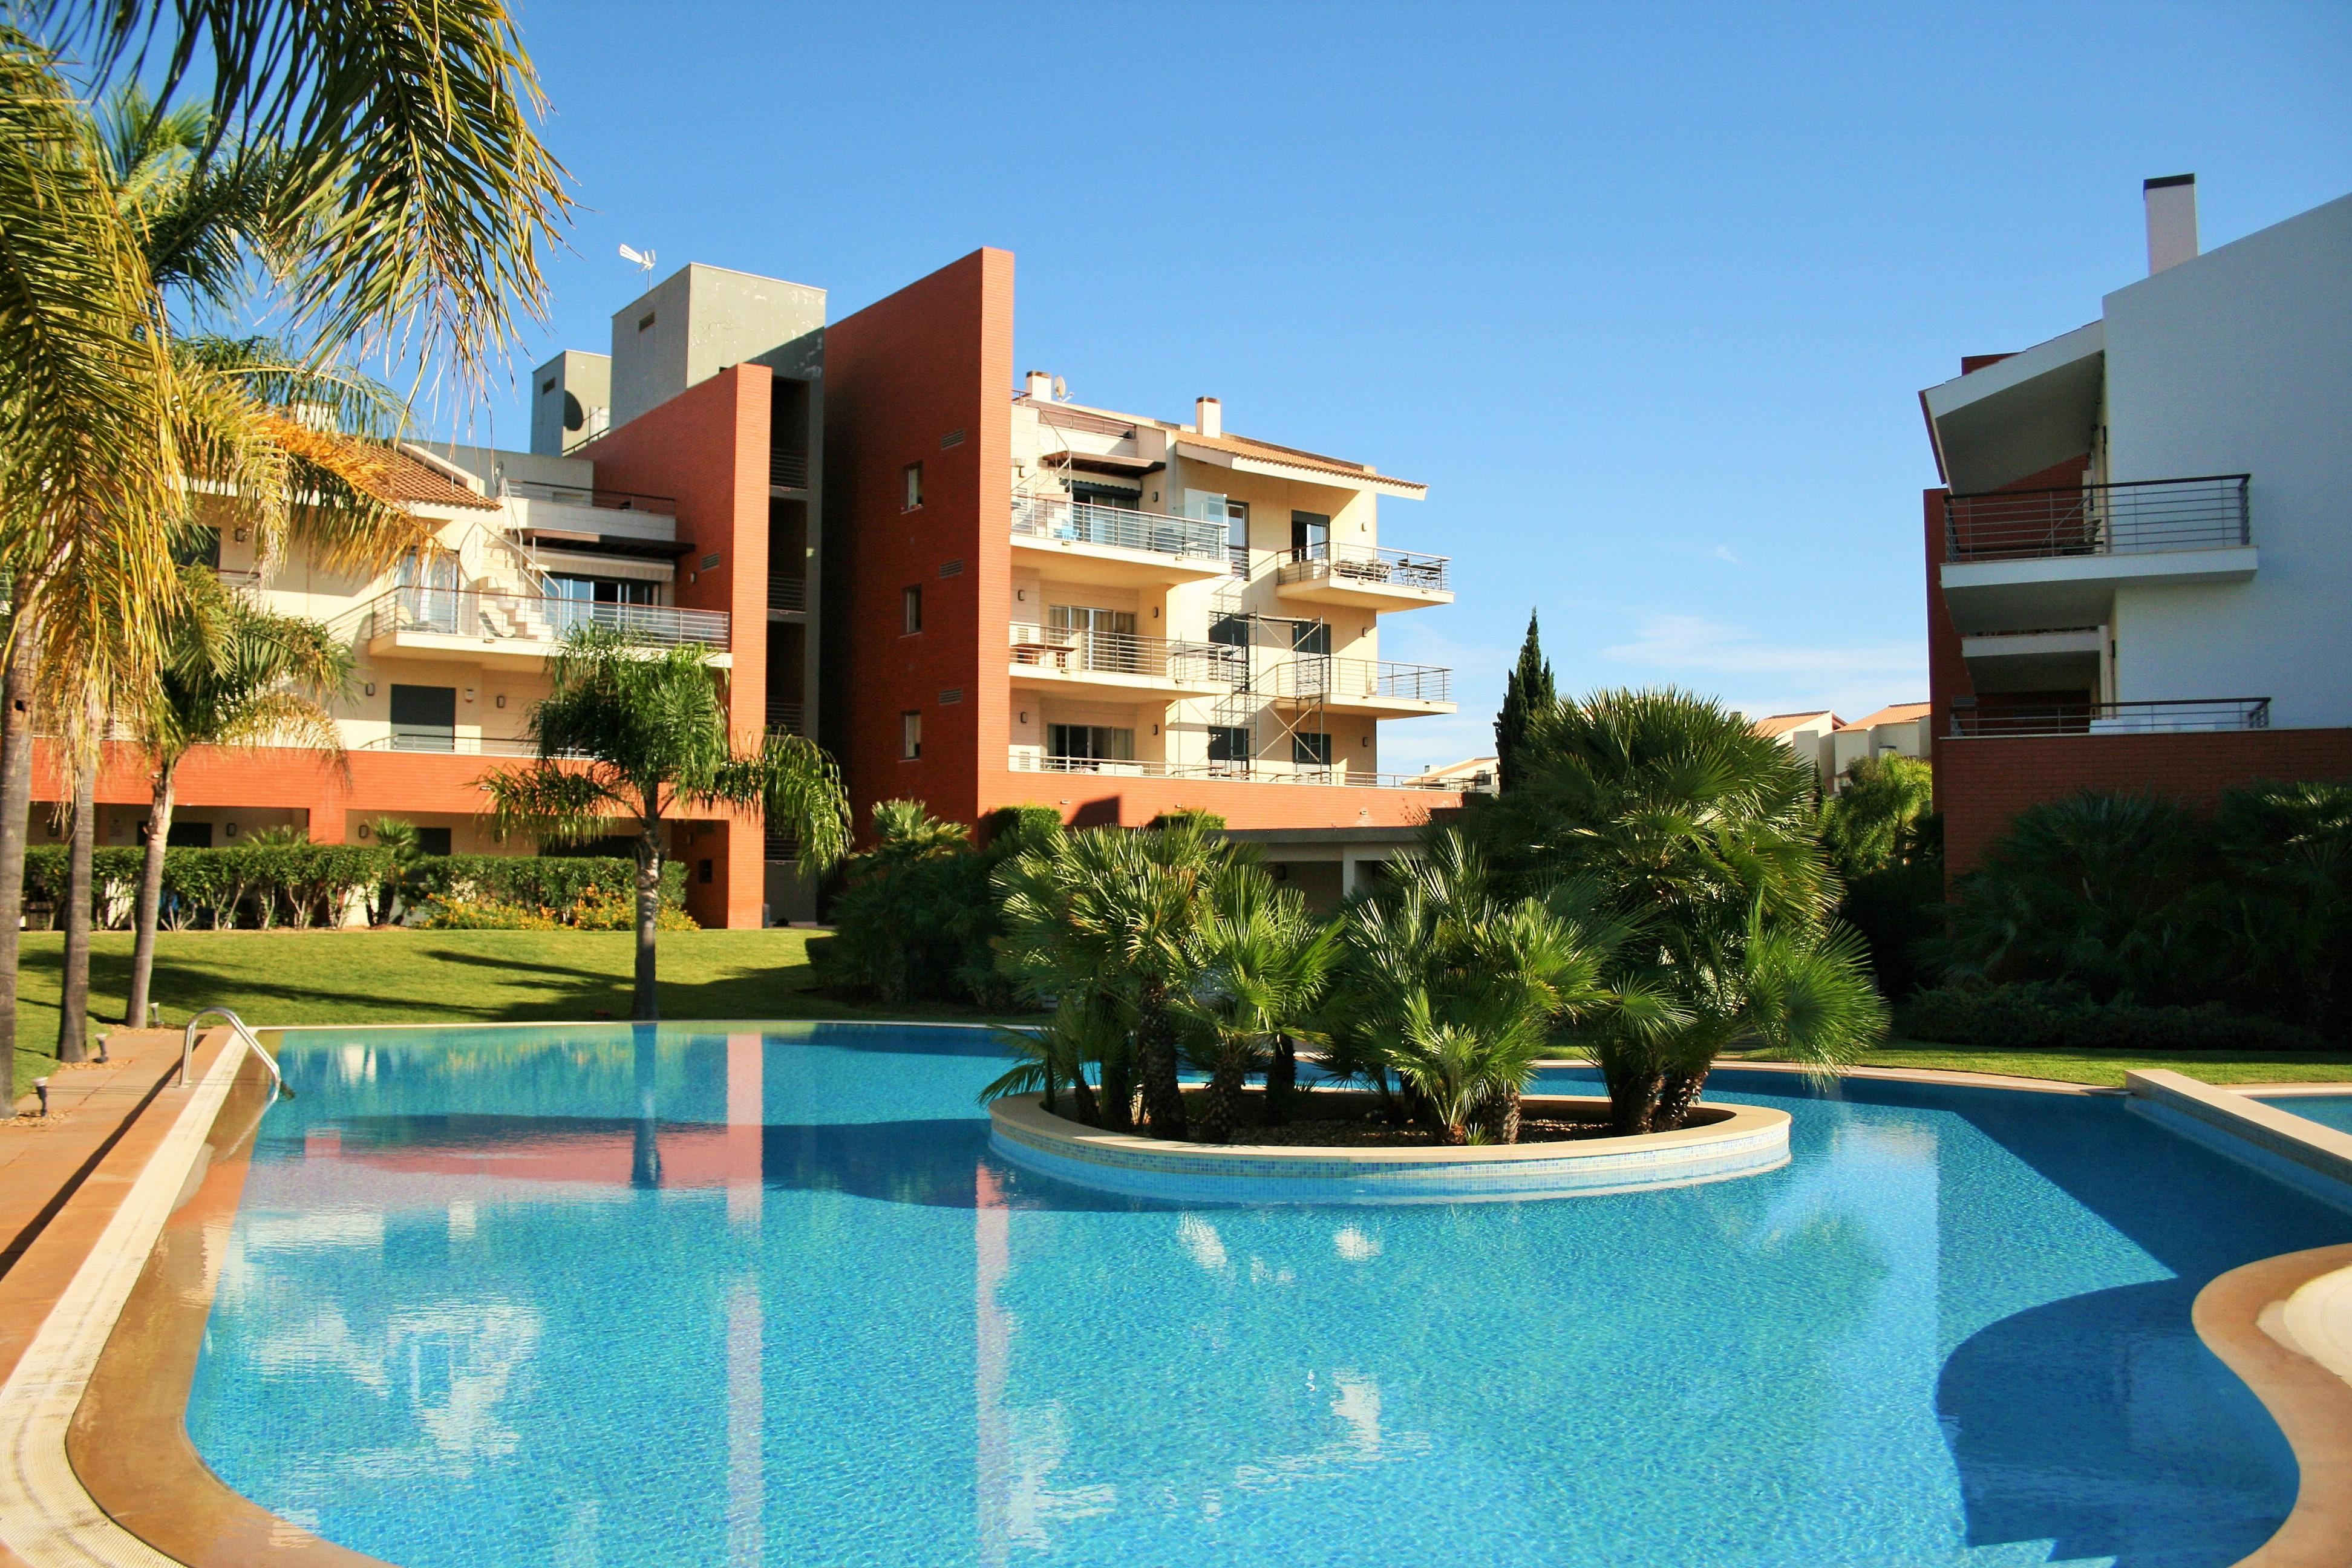 Duplex pour l Vente à Duplex, 3 bedrooms, for Sale Loule, Algarve, Portugal